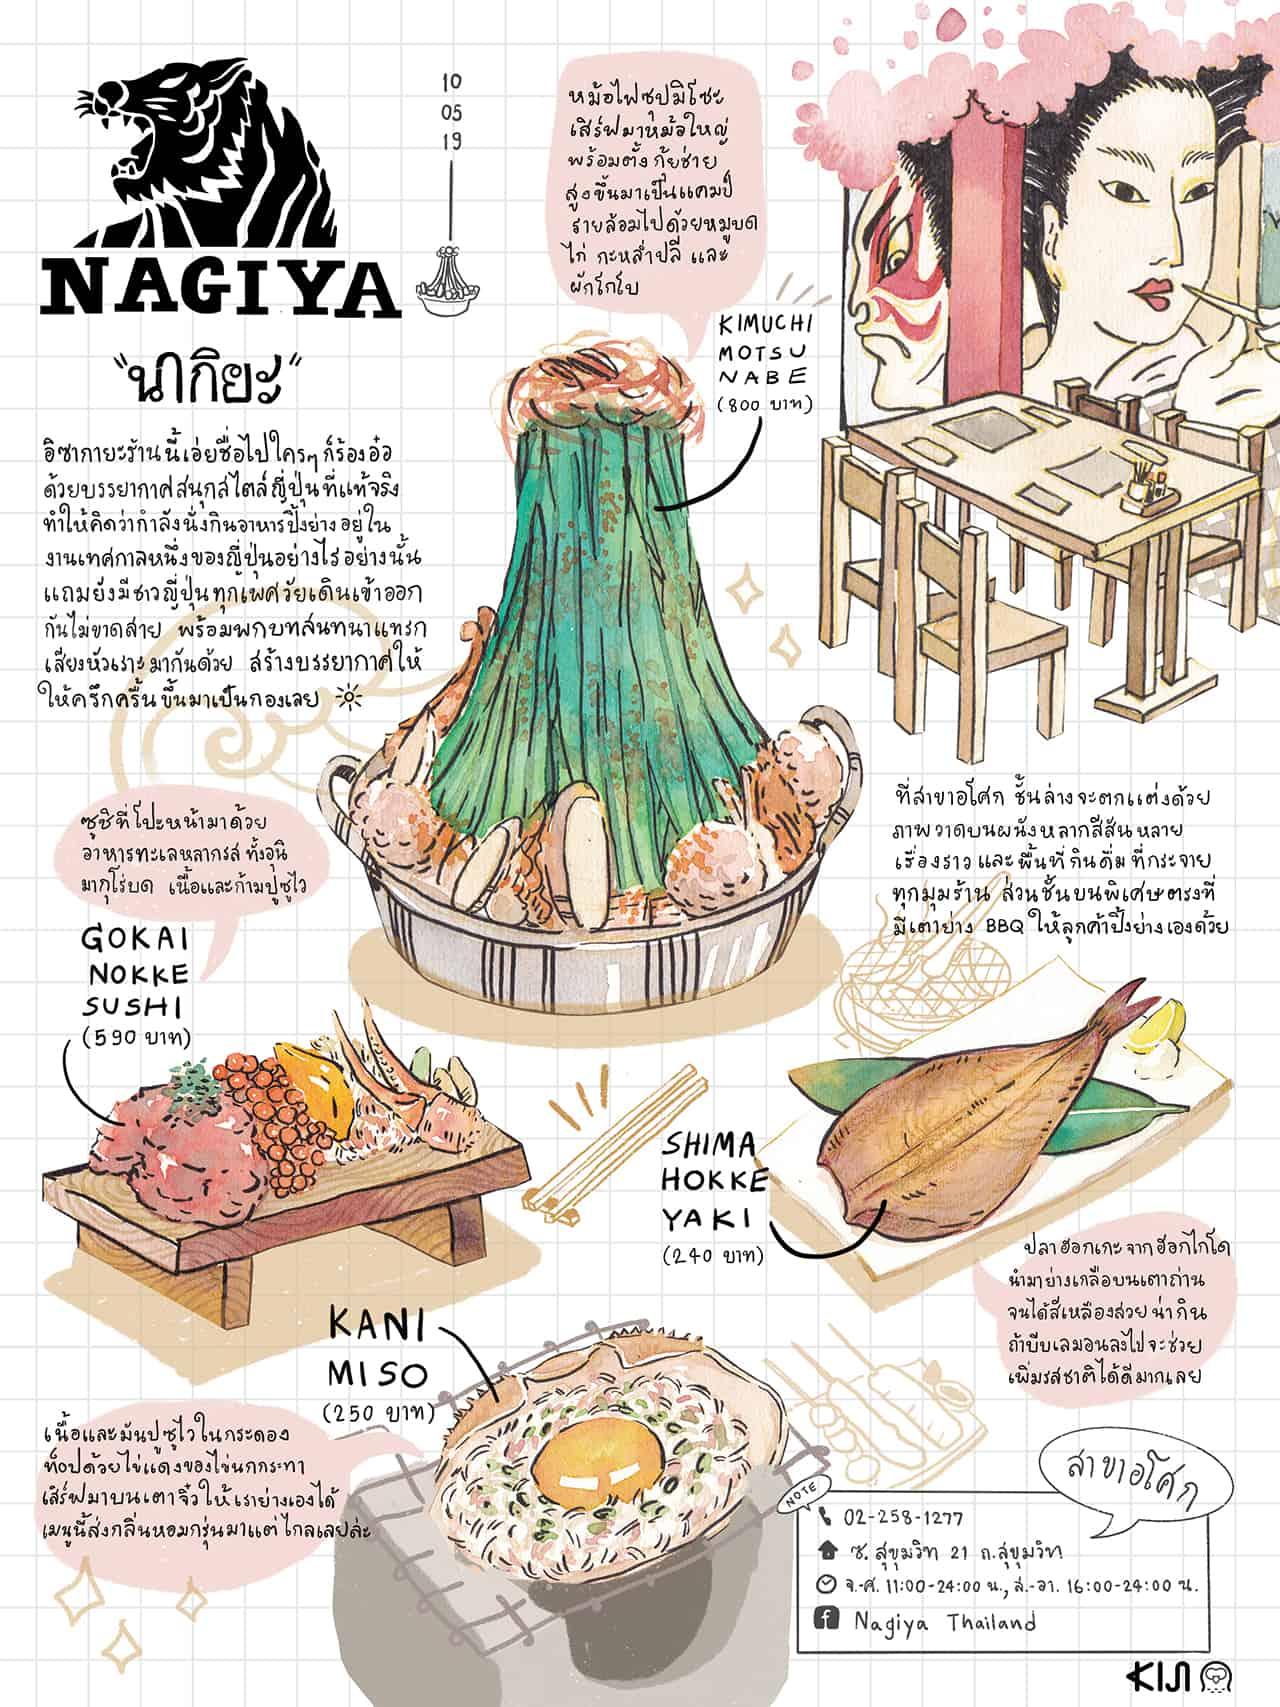 อาหารญี่ปุ่น Nagiya